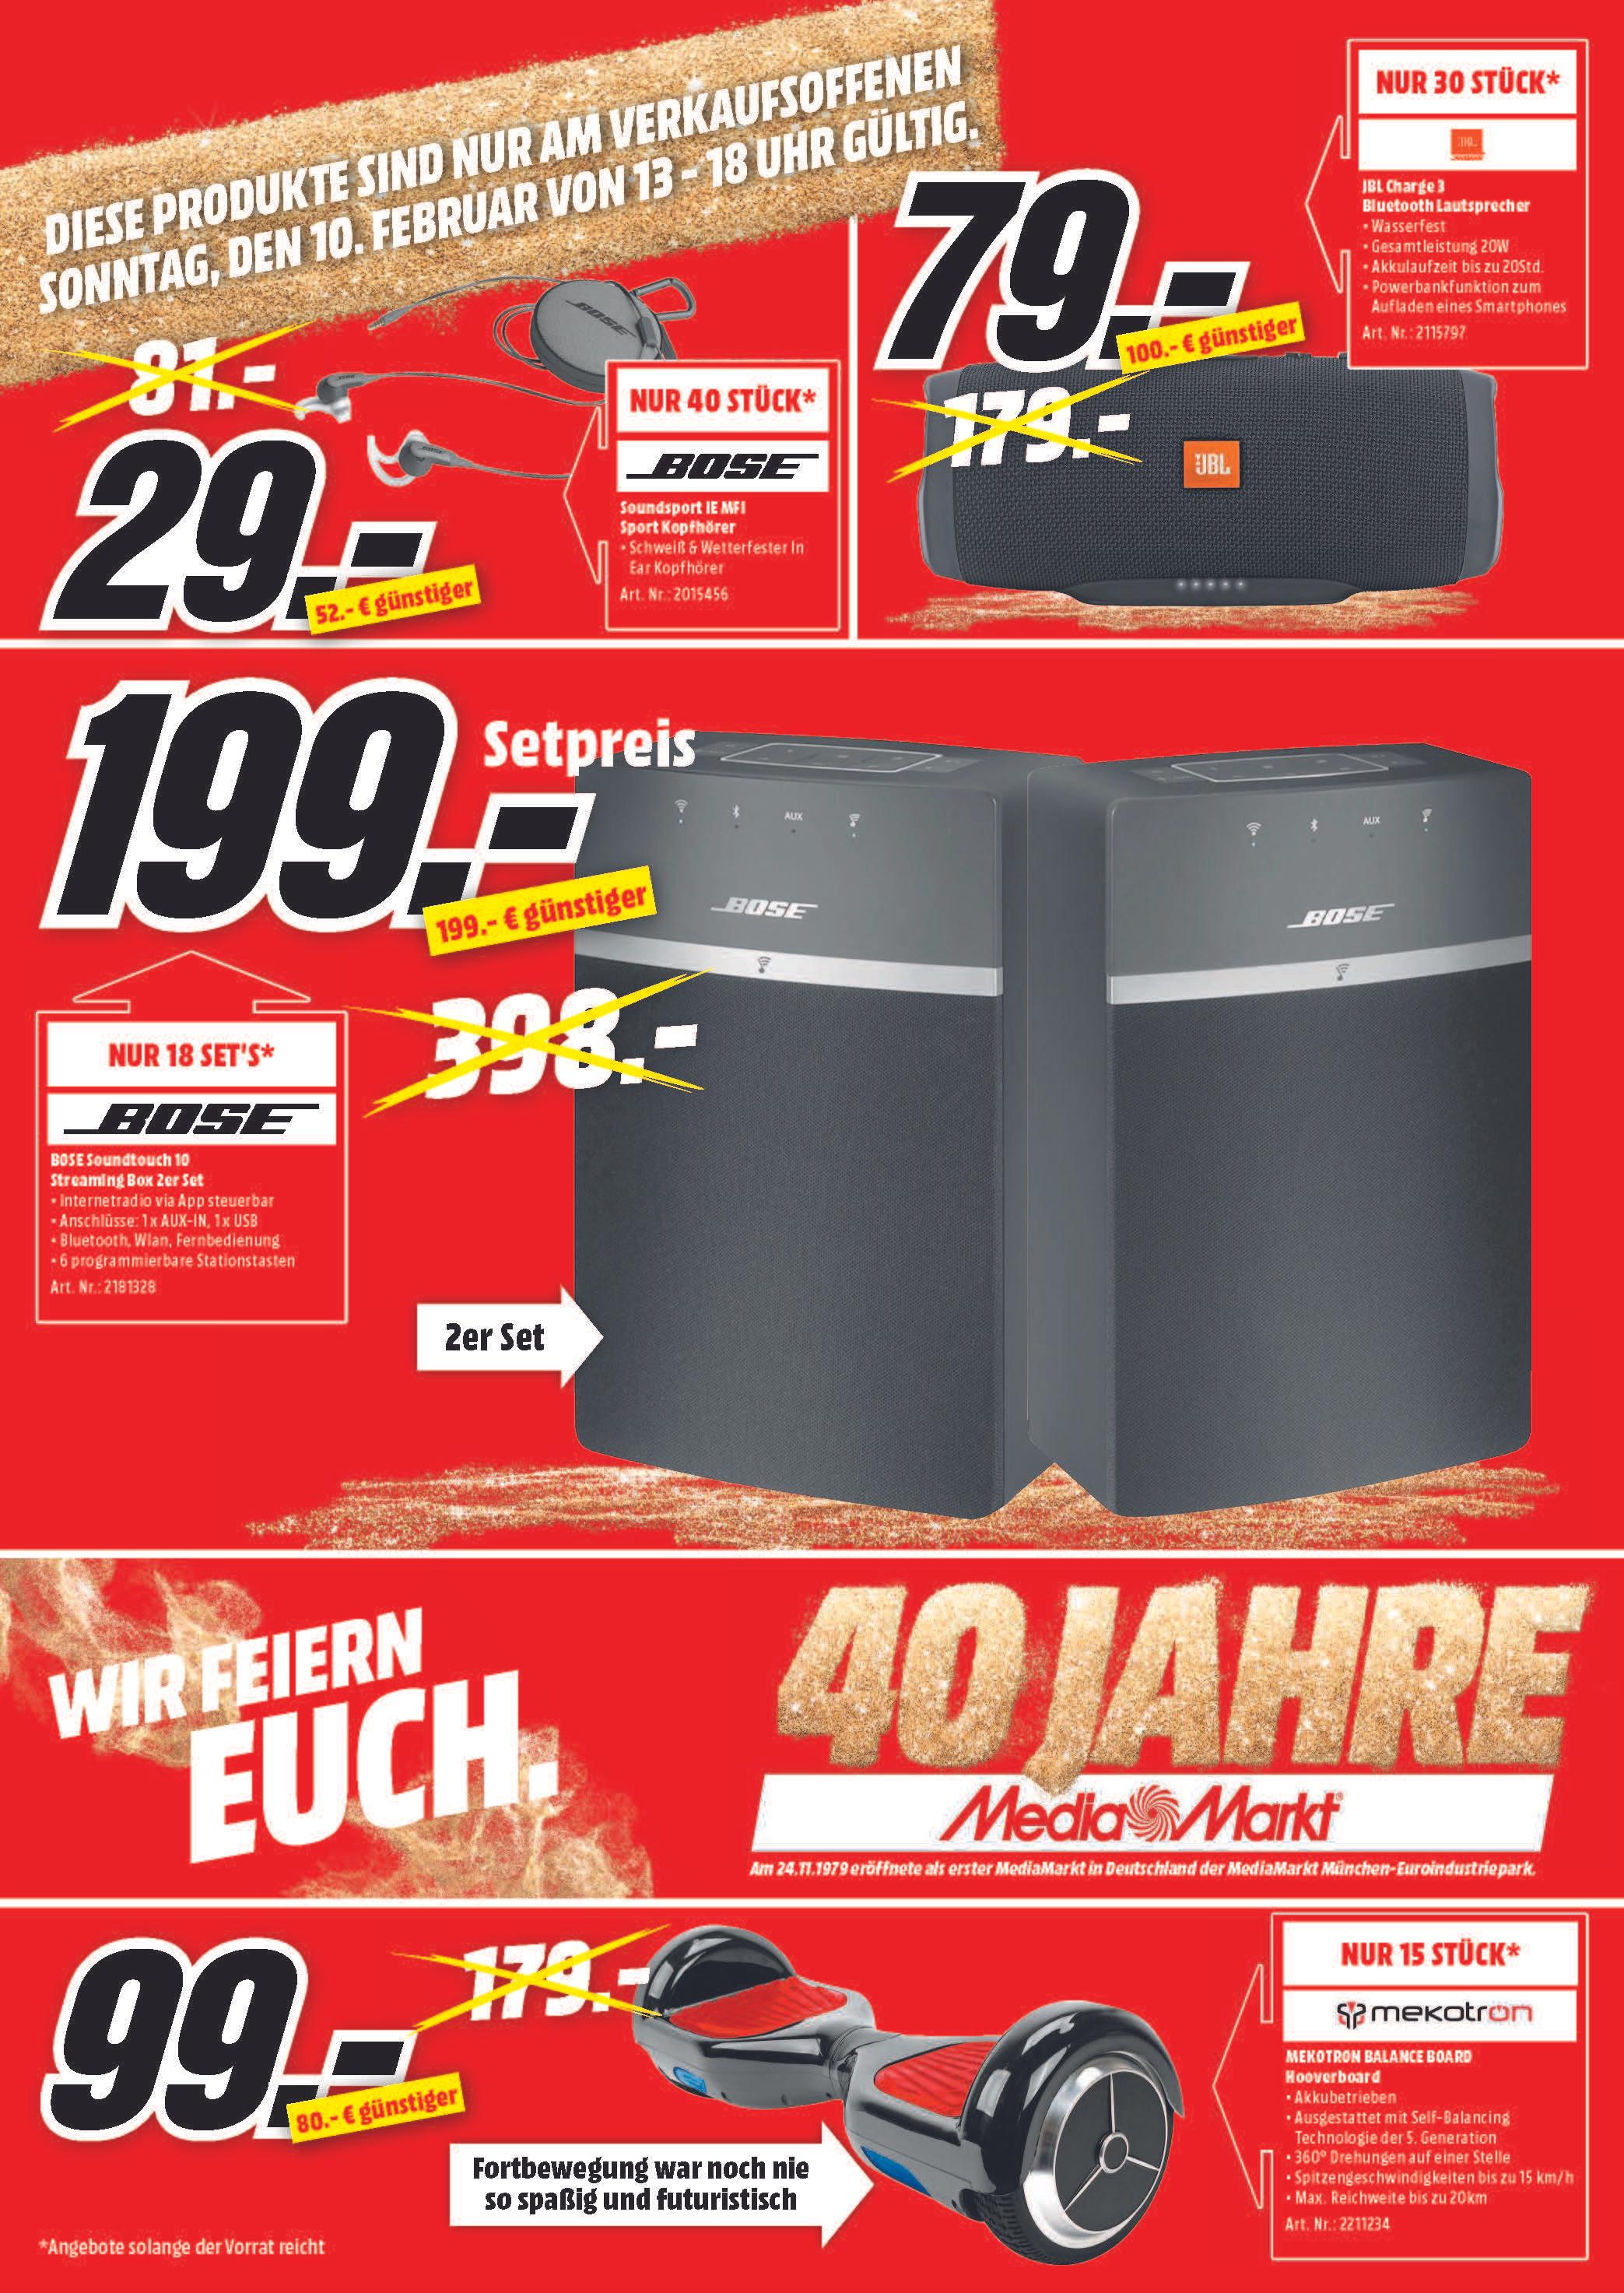 [Lokal: Media Markt Neunkirchen am 10.02.] BOSE Soundtouch 10X2 | Switch + Mario Party für 299€ | Nintendo 2DS + Mario Kart 7 für 75€ | uvm.